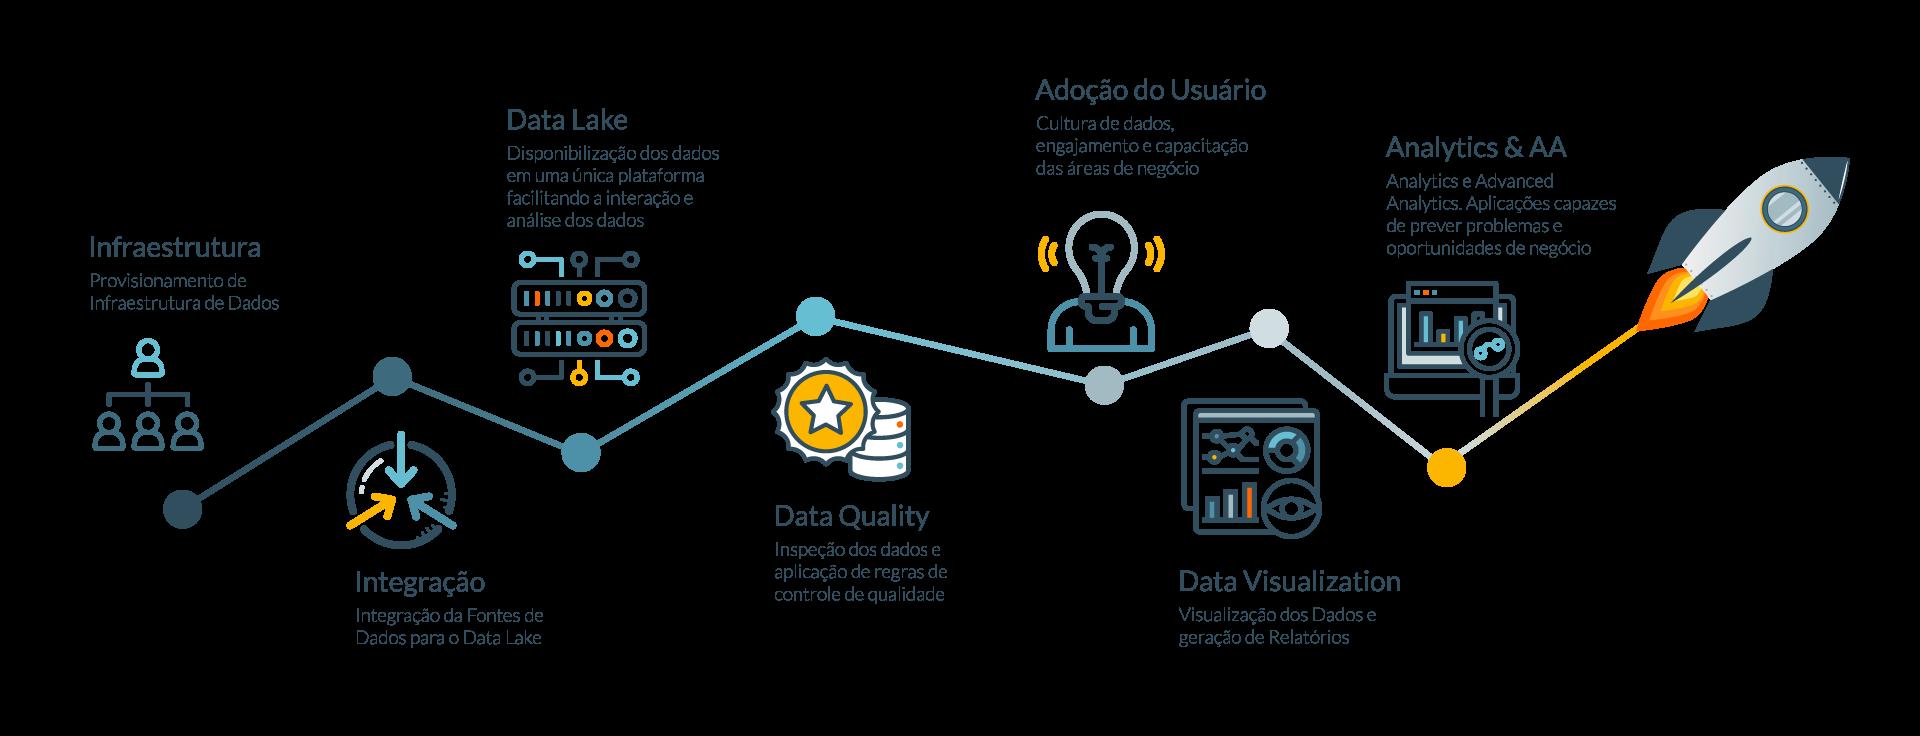 Foguete sobrevoando os itens Infraestrutura, Integração, Data Lake. Data Quality, Adoção do Usuário, Data visualization e Analytics & AA